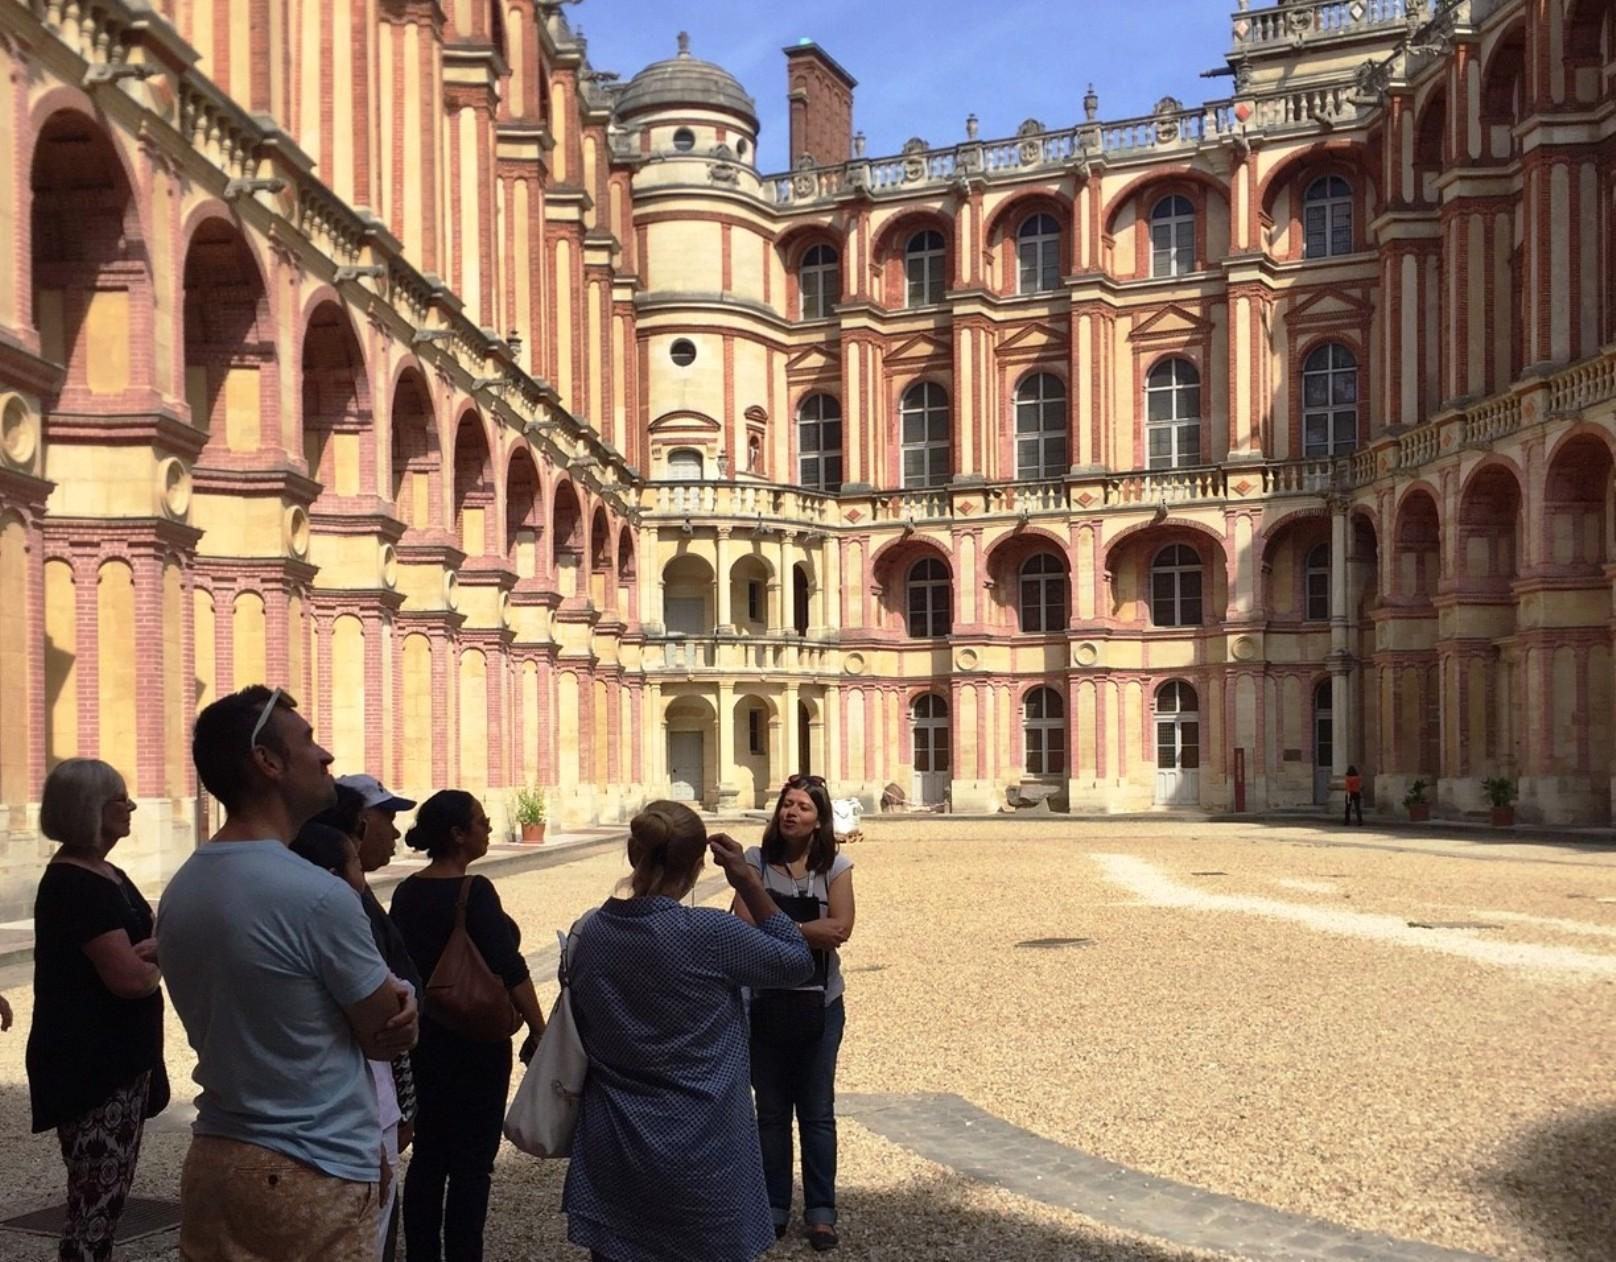 Visite guidée : Saint-Germain, cité des rois